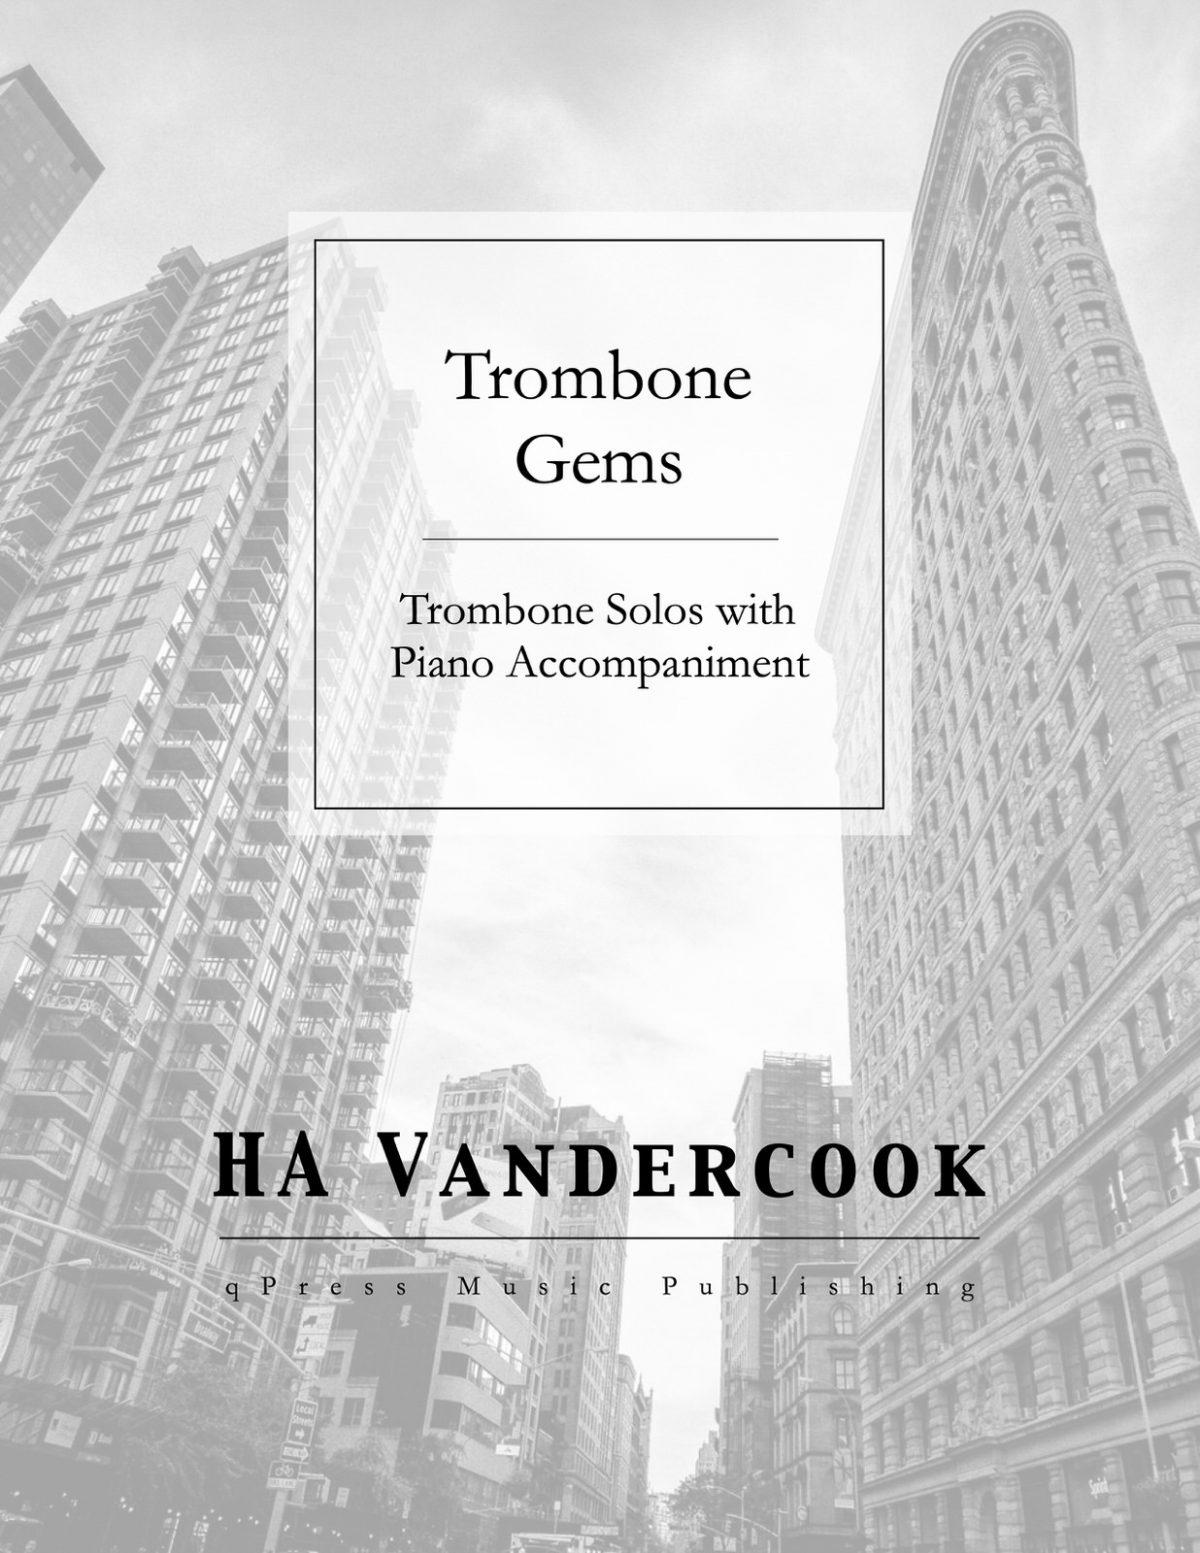 Vandercook, Trombone Gems-p01